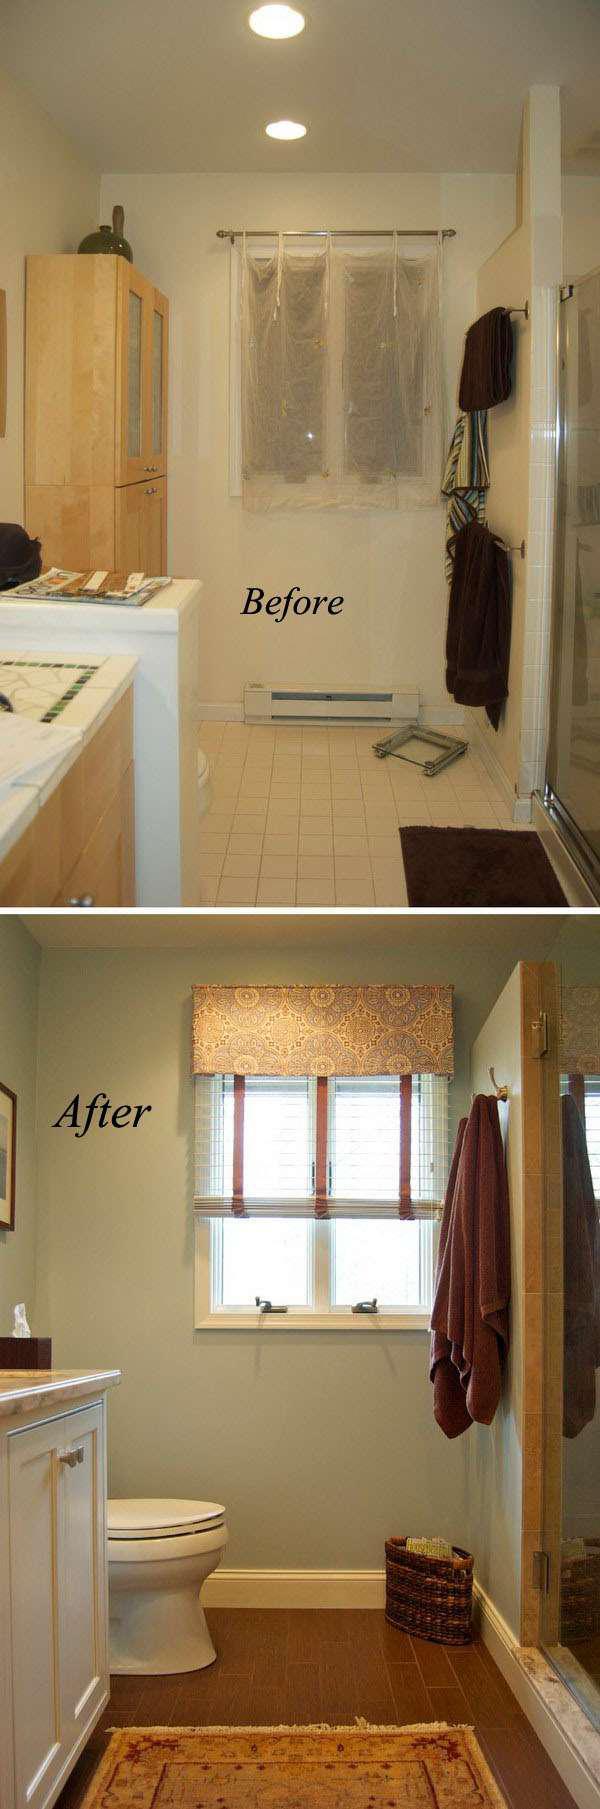 image11-32 | 16 идей преображения старой ванной комнаты